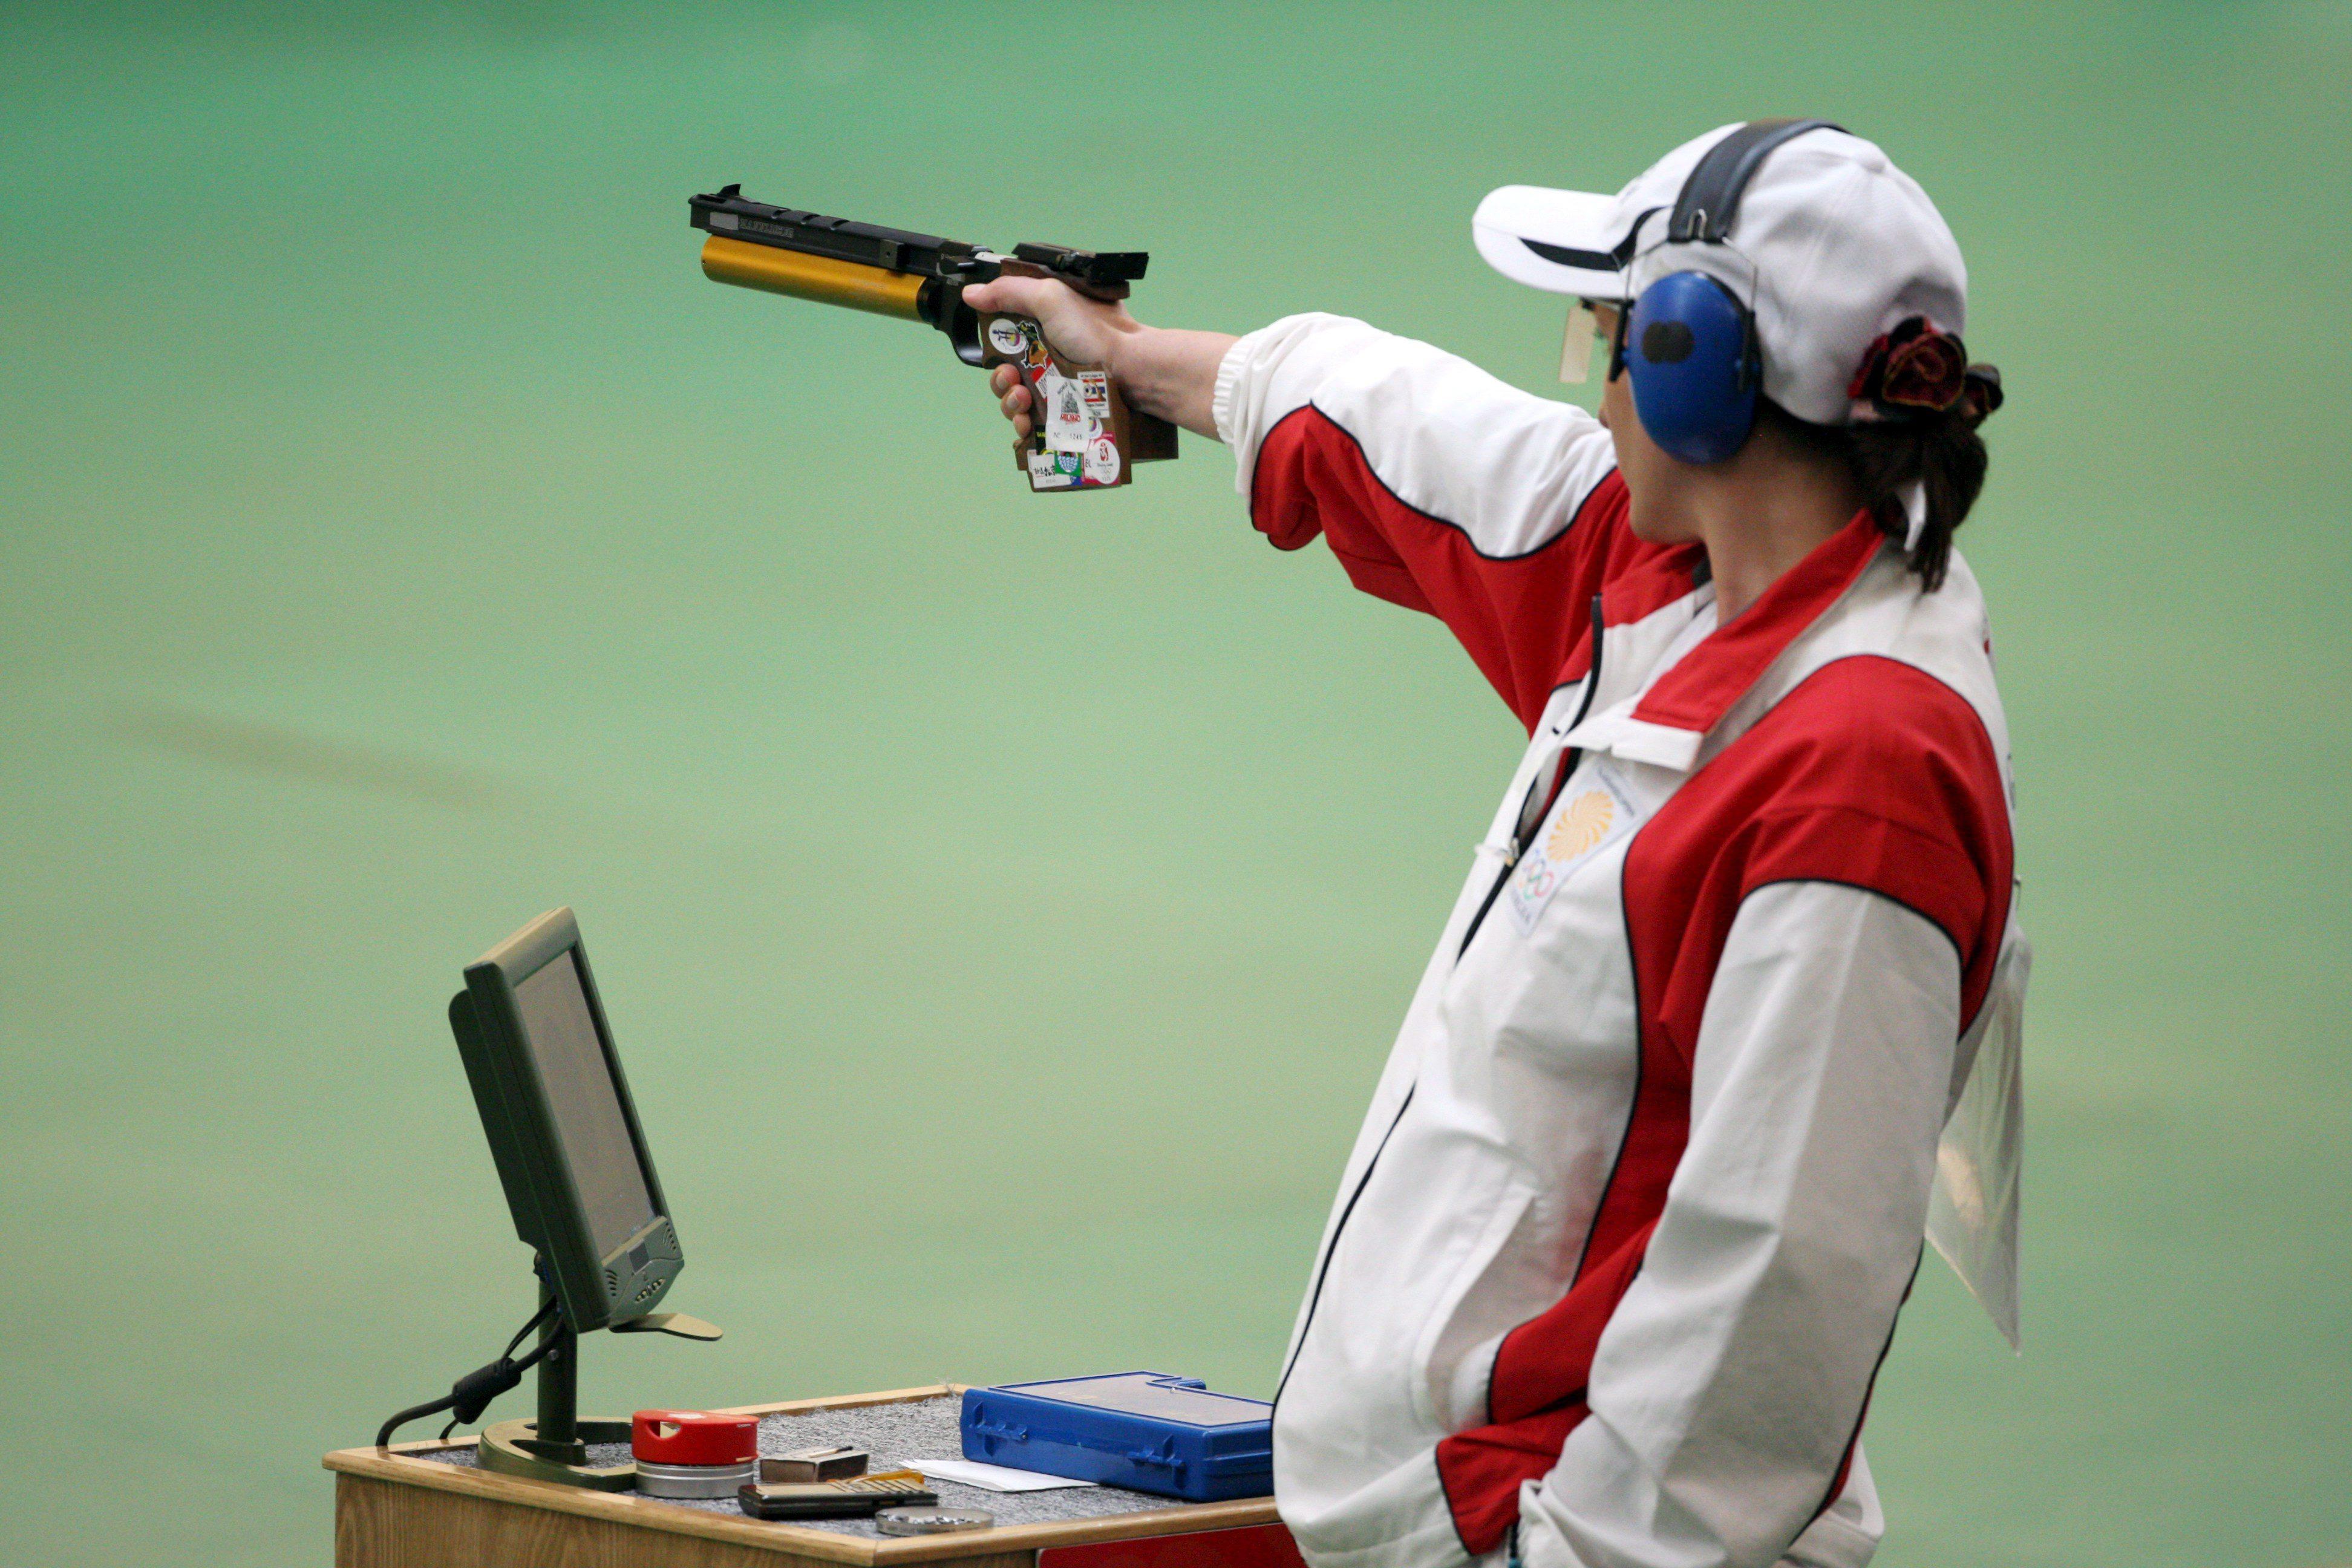 Atiradora Nino Salukvadze apura-se para recorde de nove Jogos Olímpicos